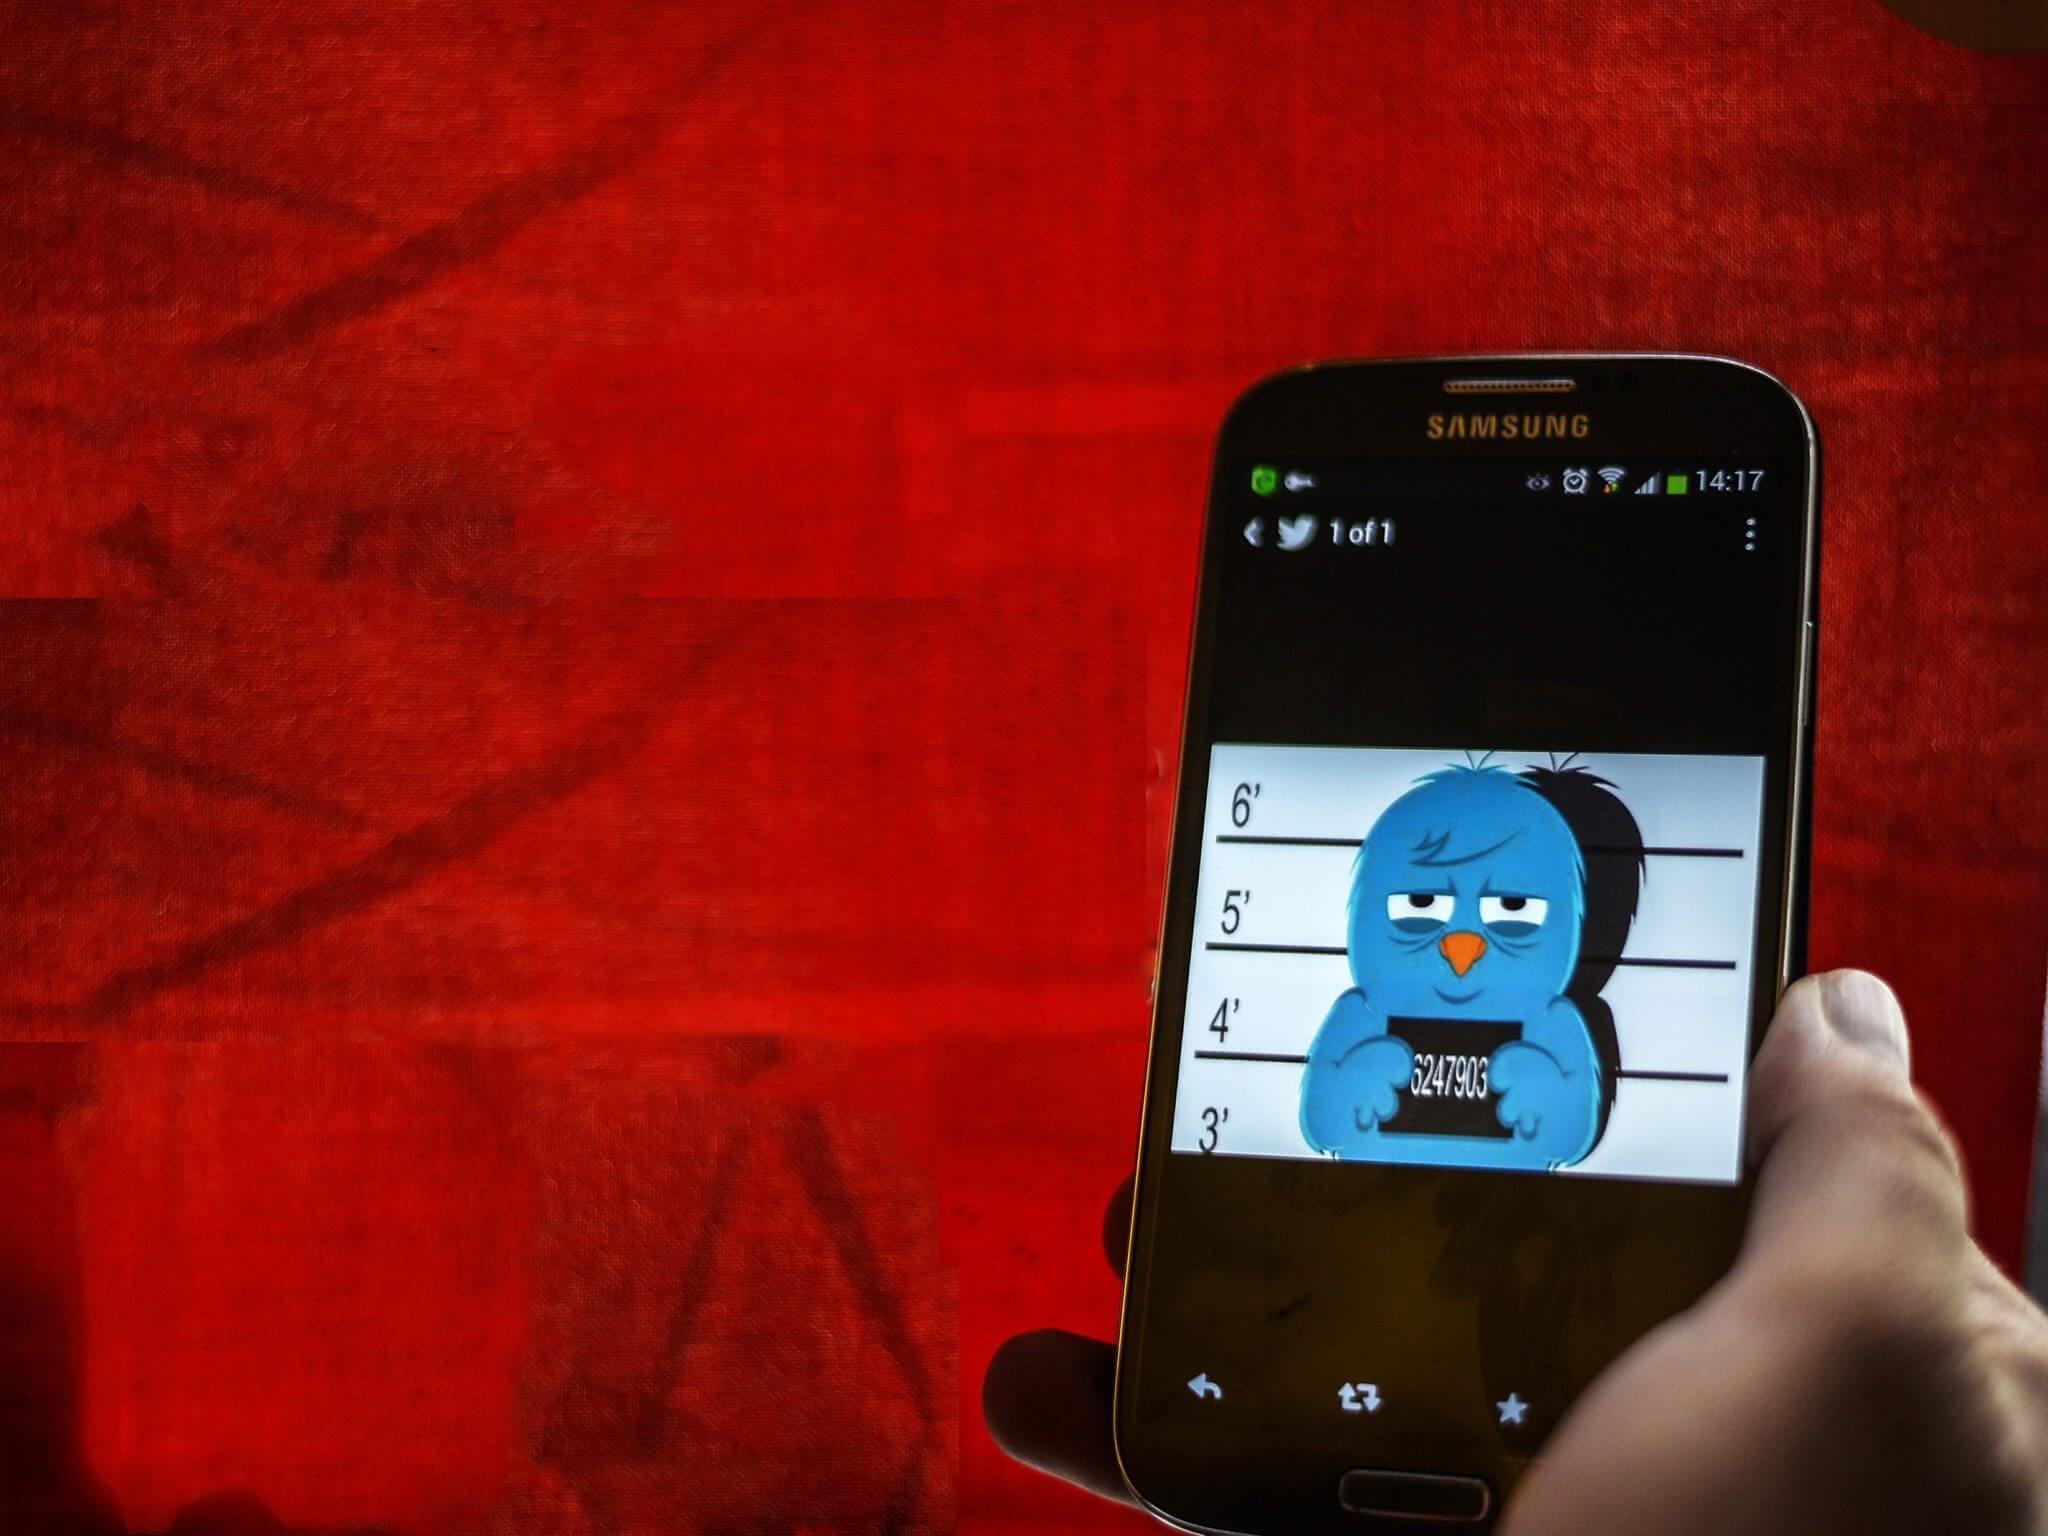 smt twittercopyright capa2 - Todos os direitos reservados: Twitter passa a reprimir o furto de piadas